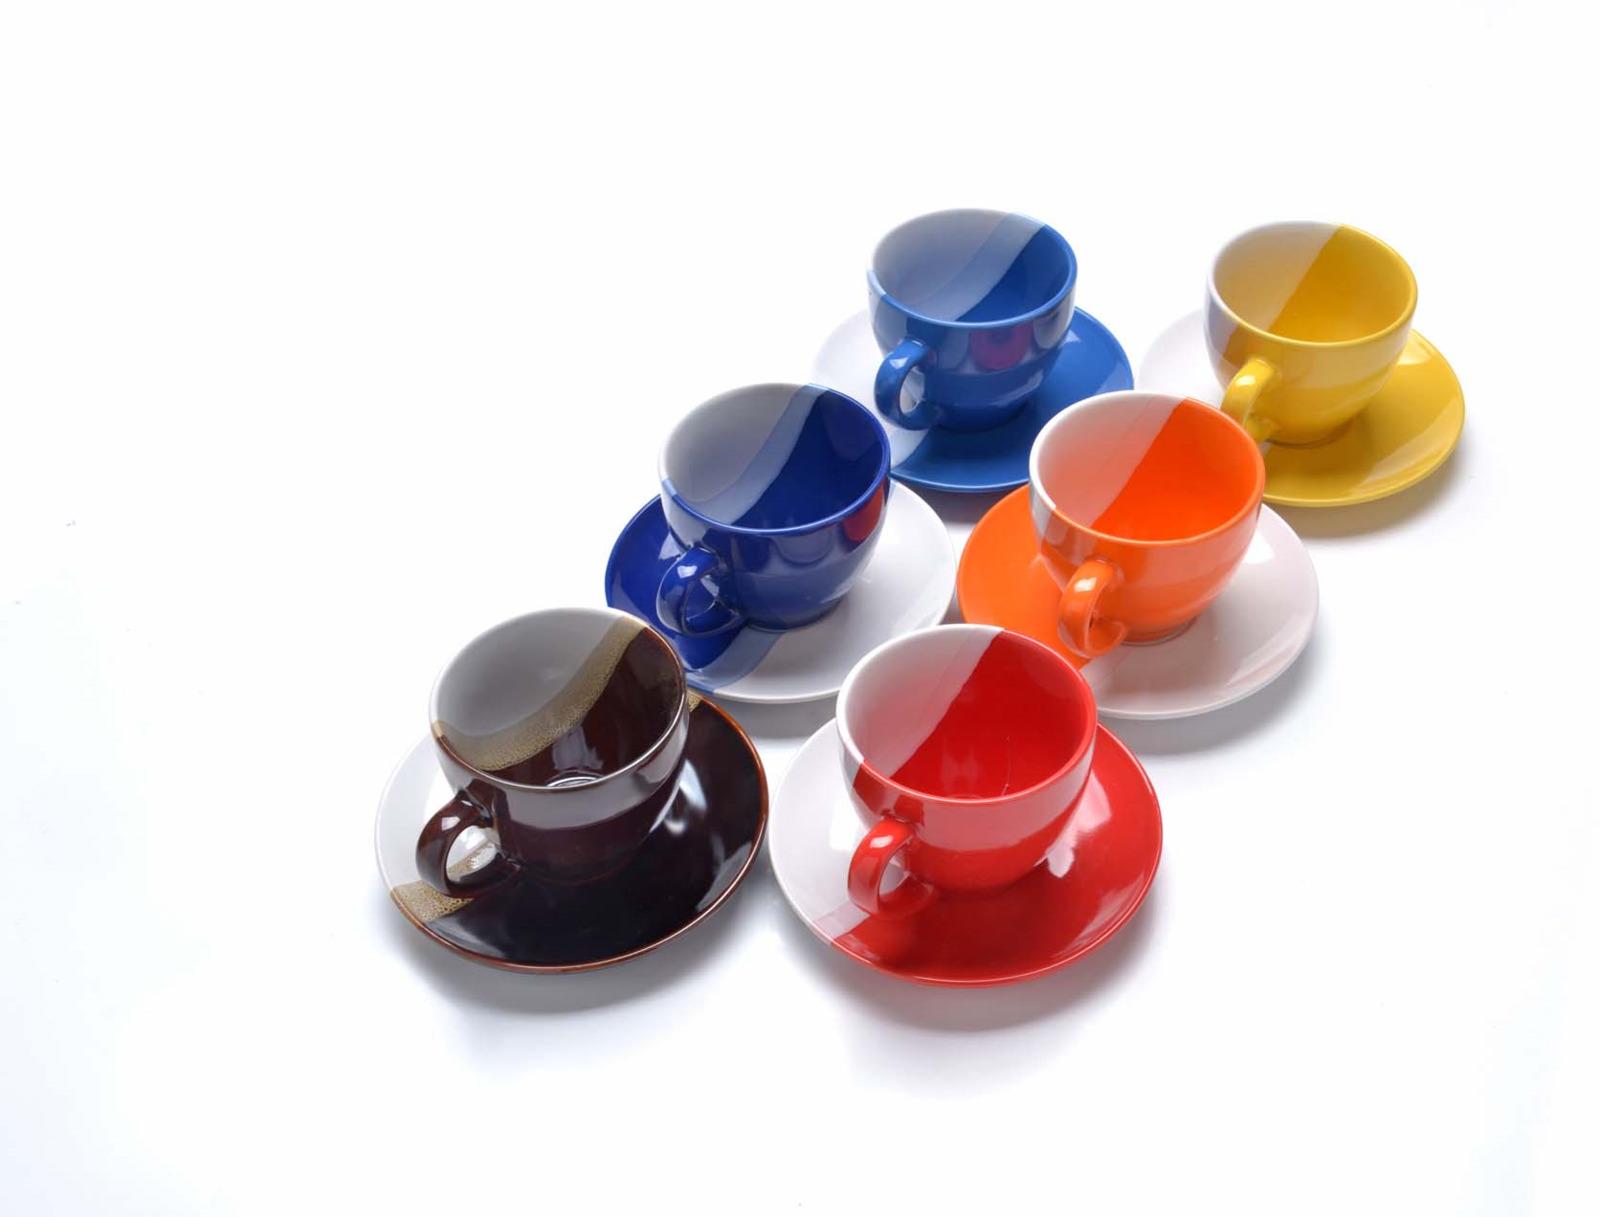 Сервиз чайный Loraine, цвет: белый, желтый, красный, 13 предметов62834Чайный сервиз Mayer & Boch состоит из 6 чашек, 6 блюдец и металлической подставки. Предметы набора изготовлены из высококачественной керамики. Элегантный дизайн придется по вкусу и ценителям классики, и тем, кто предпочитает утонченность и изысканность. Он настроит на позитивный лад и подарит хорошее настроение с самого утра. Чайный набор идеально подойдет для сервировки стола и станет отличным подарком к любому празднику. Изделия можно компактно хранить на подставке, входящей в набор.